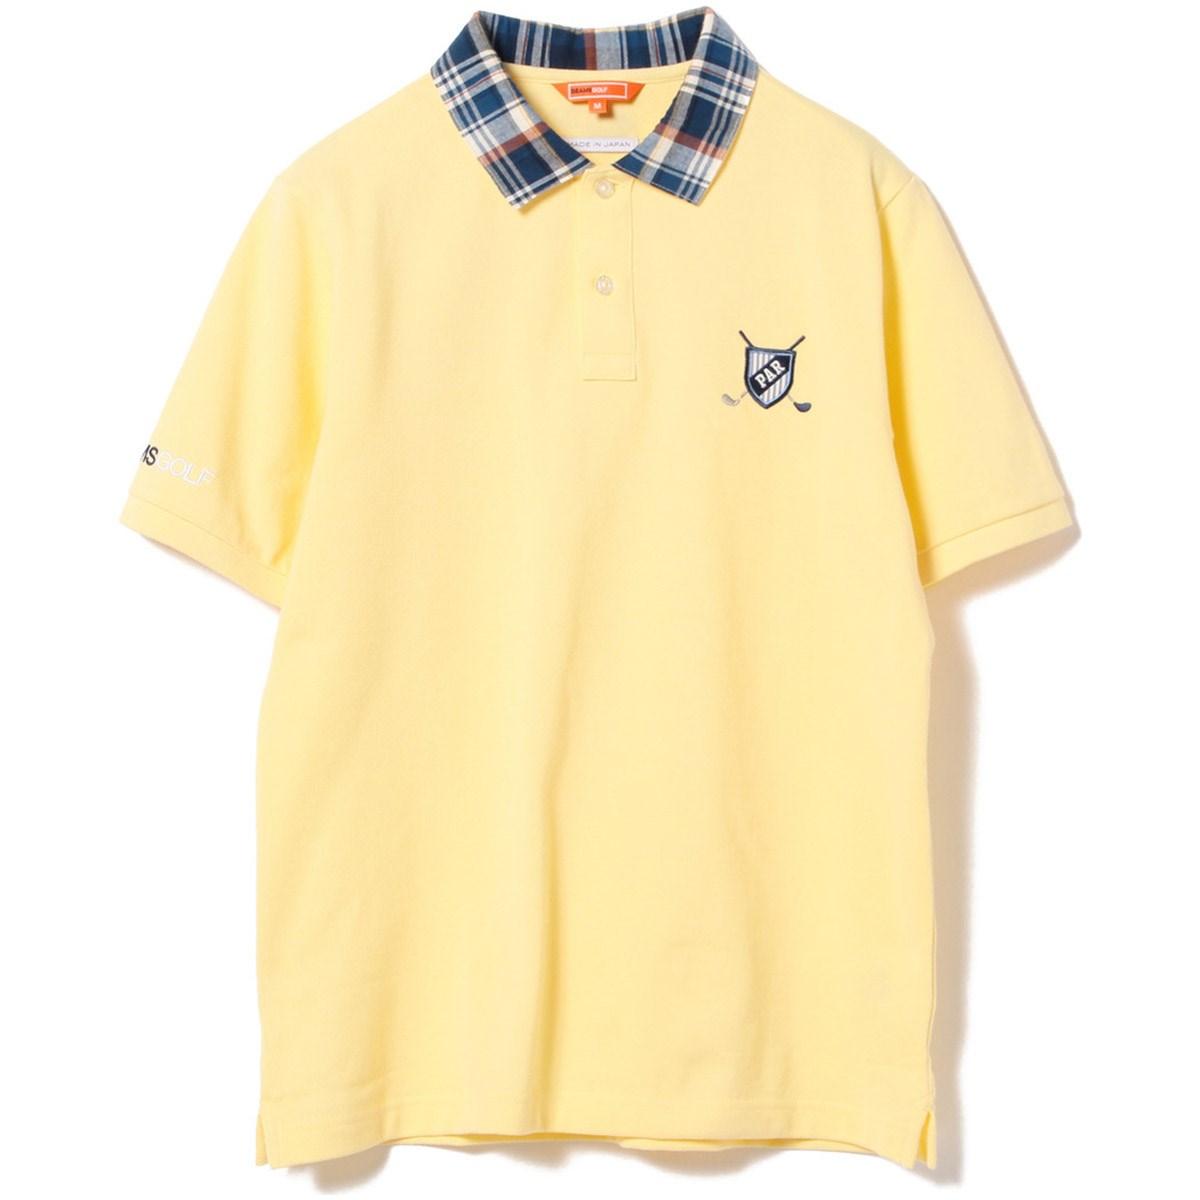 ビームスゴルフ BEAMS GOLF ORANGE LABEL エンブレム  ポロシャツ